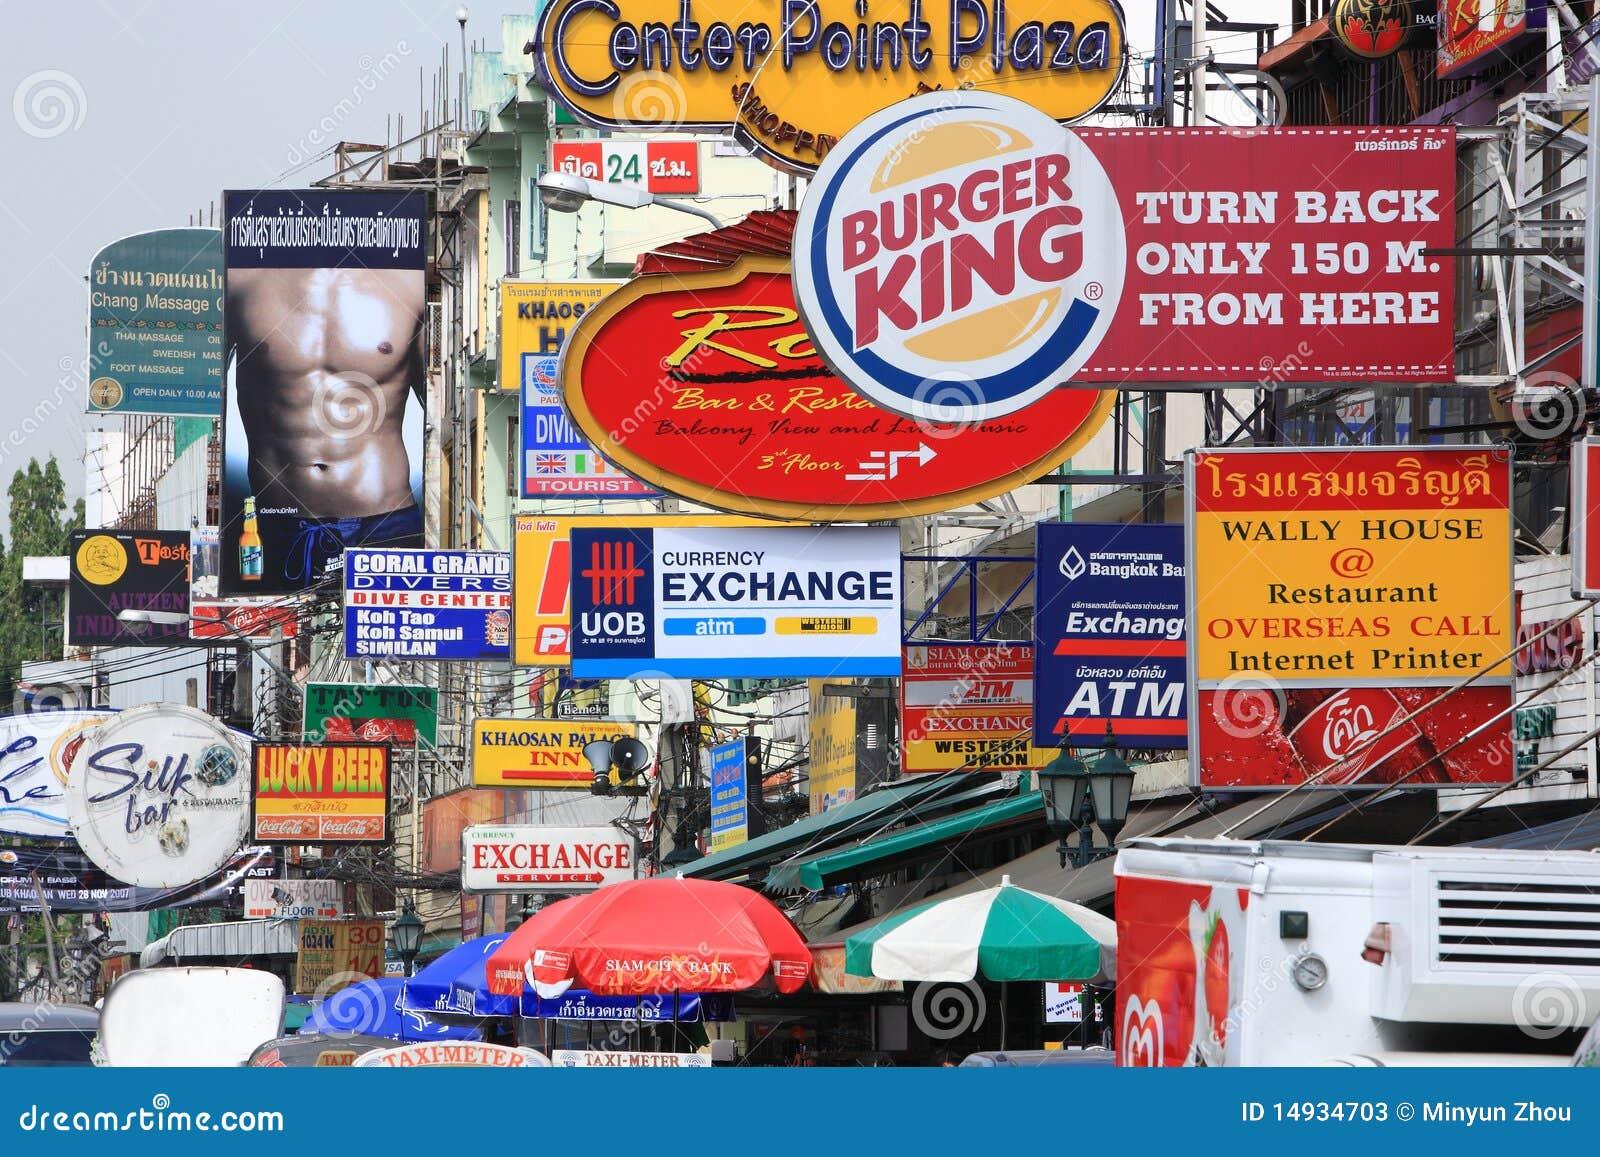 Khao San Road.Bangkok.thailand